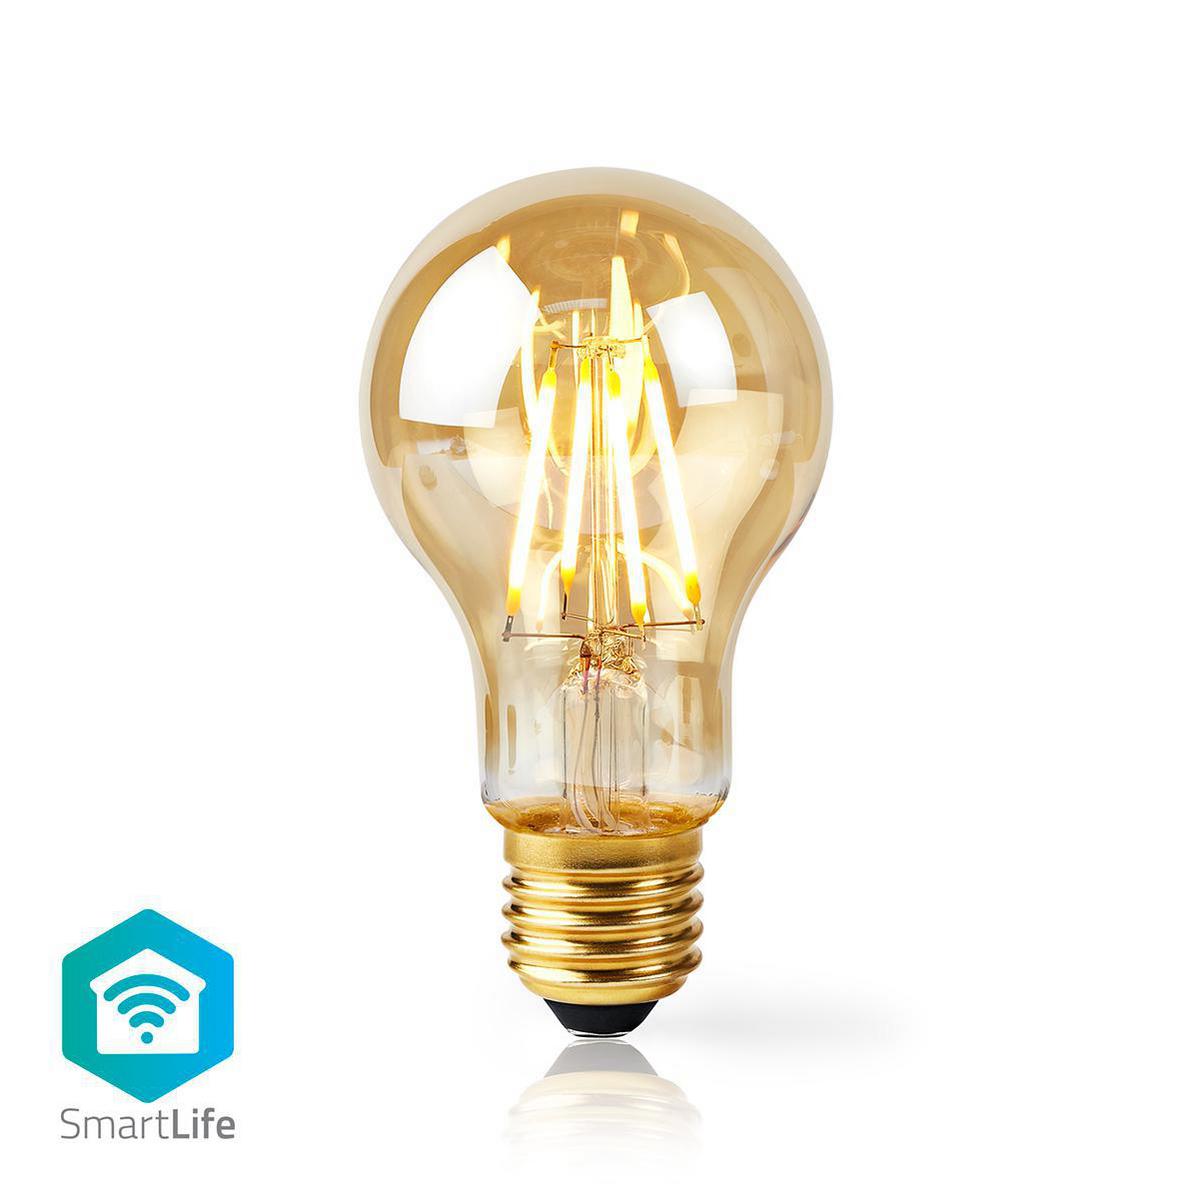 Slimme filament Wifi lamp E27 - 2200K - 5 watt - vooraanzicht